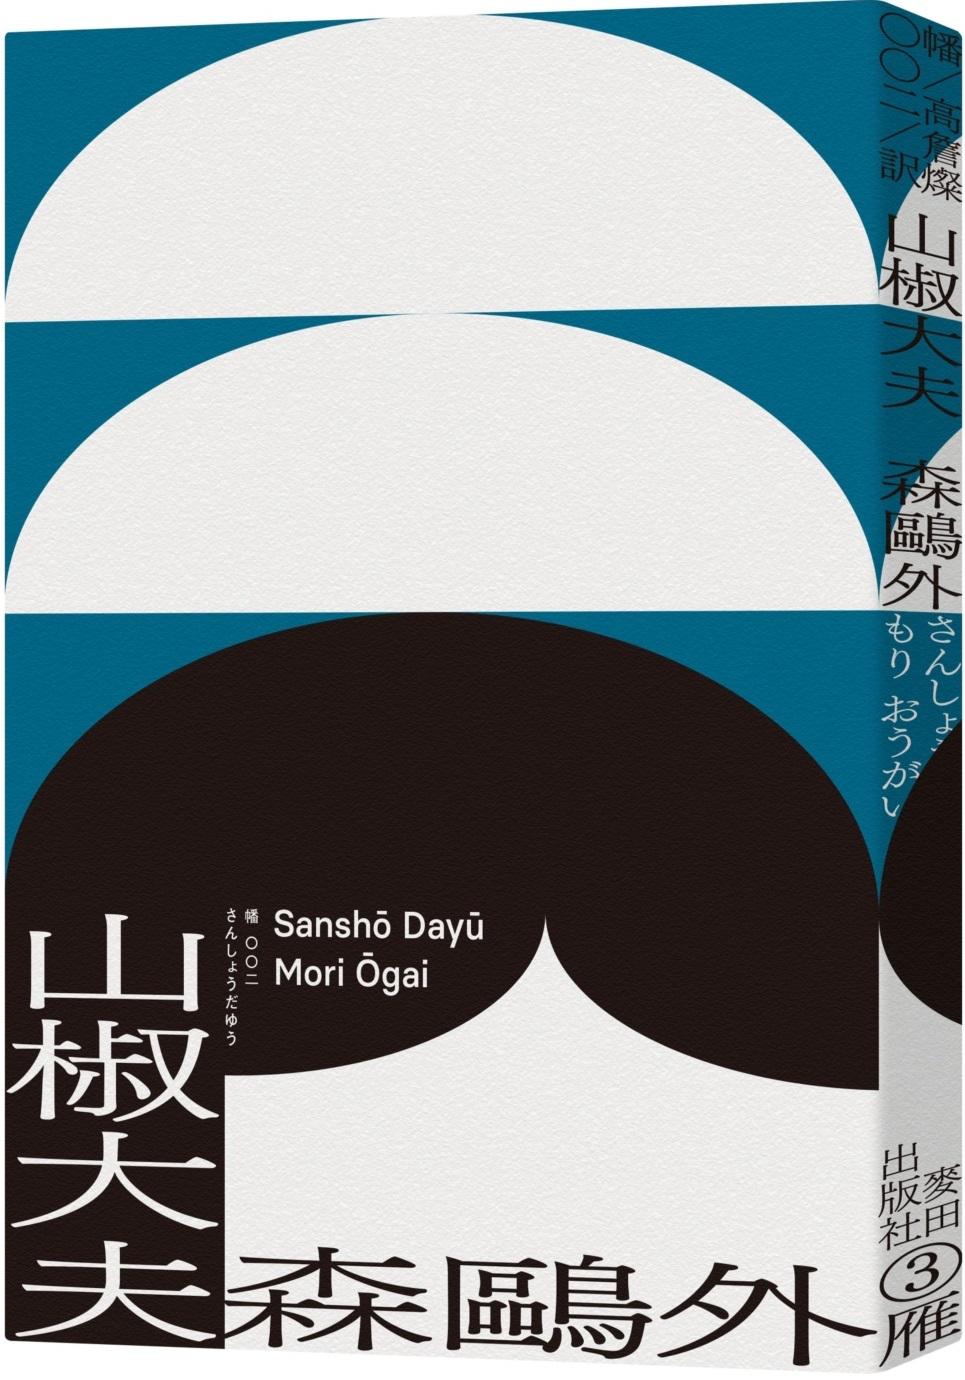 山椒大夫(與夏目漱石齊名日本文學雙璧.森鷗外超越時代的警世之作)